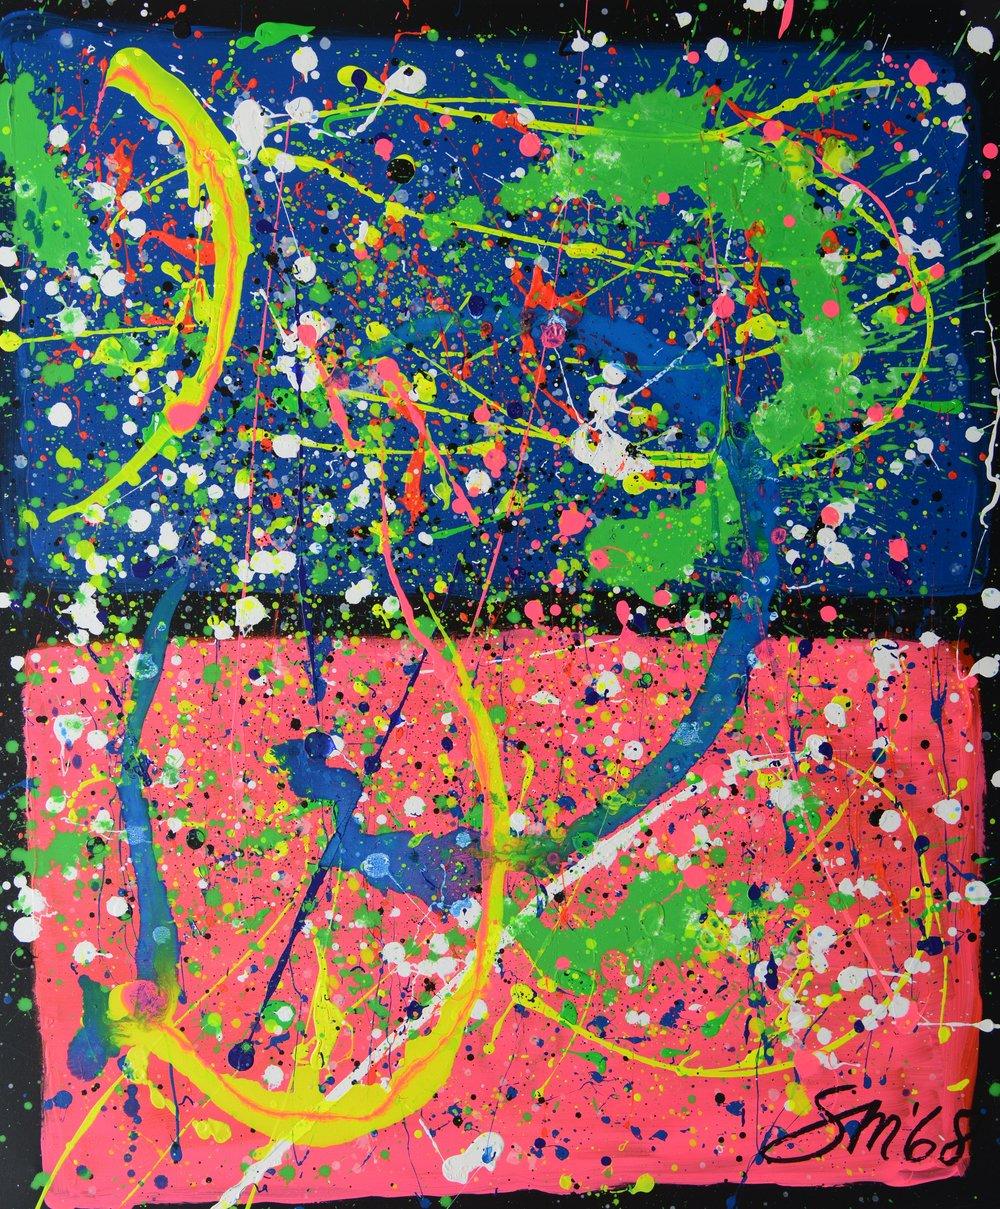 Hommage an Marc Rothko I Acryl auf leinwand Hommage an Marc Rothko I Acryl auf Leinwand